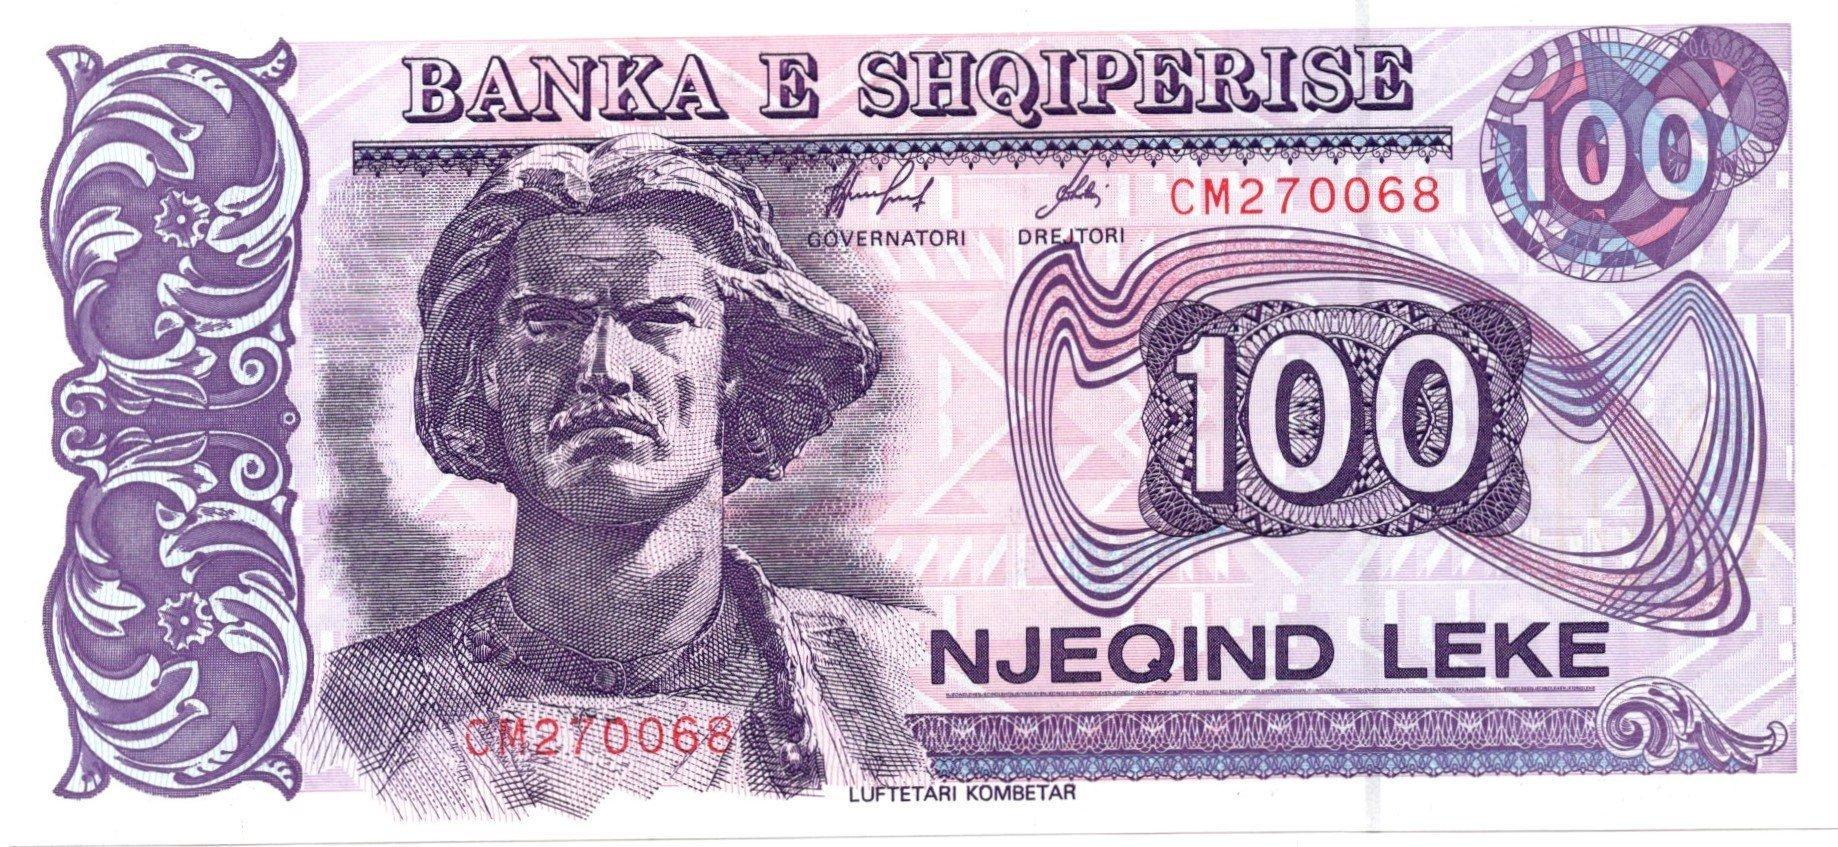 Albania 100 leke 1996